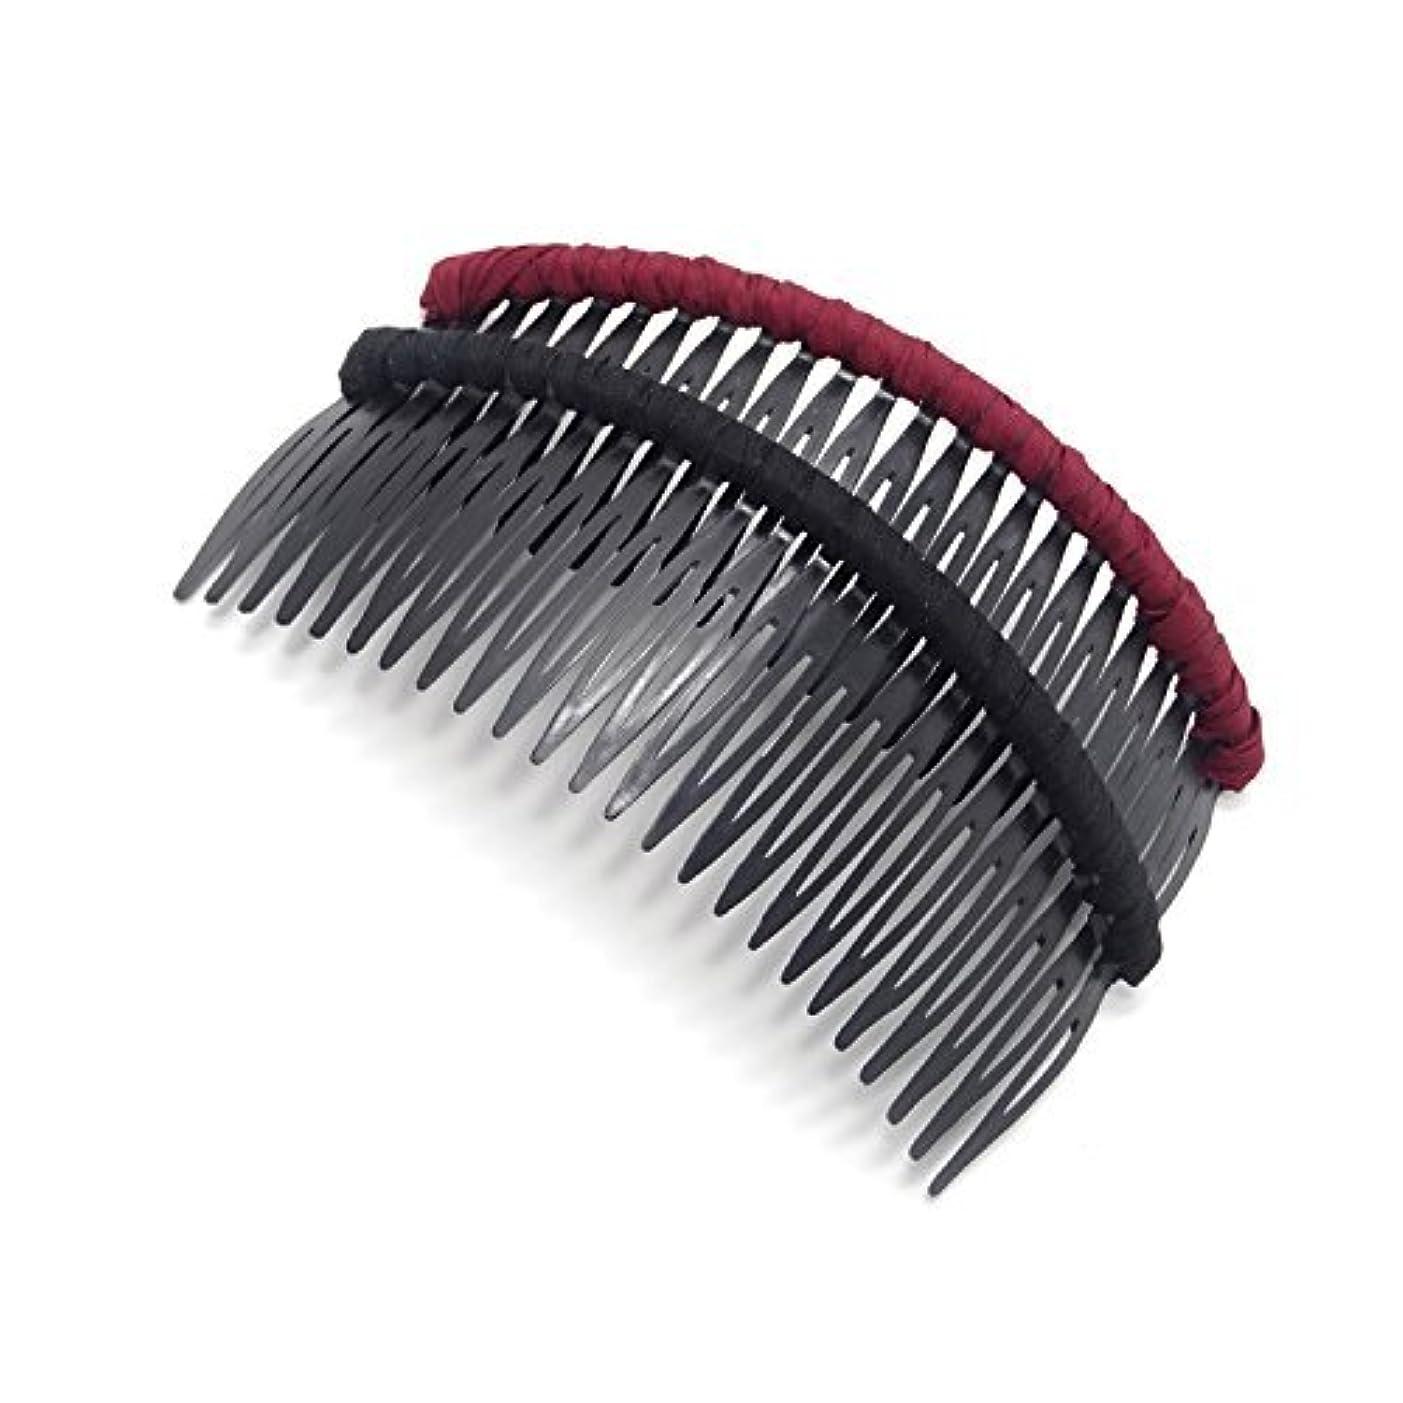 刑務所大胆な遊びますHonbay 2 PCS Different Color 24 Teeth Plastic Hair Comb Tuck Comb Hair Clip Hair Accessory for Women and Girls...